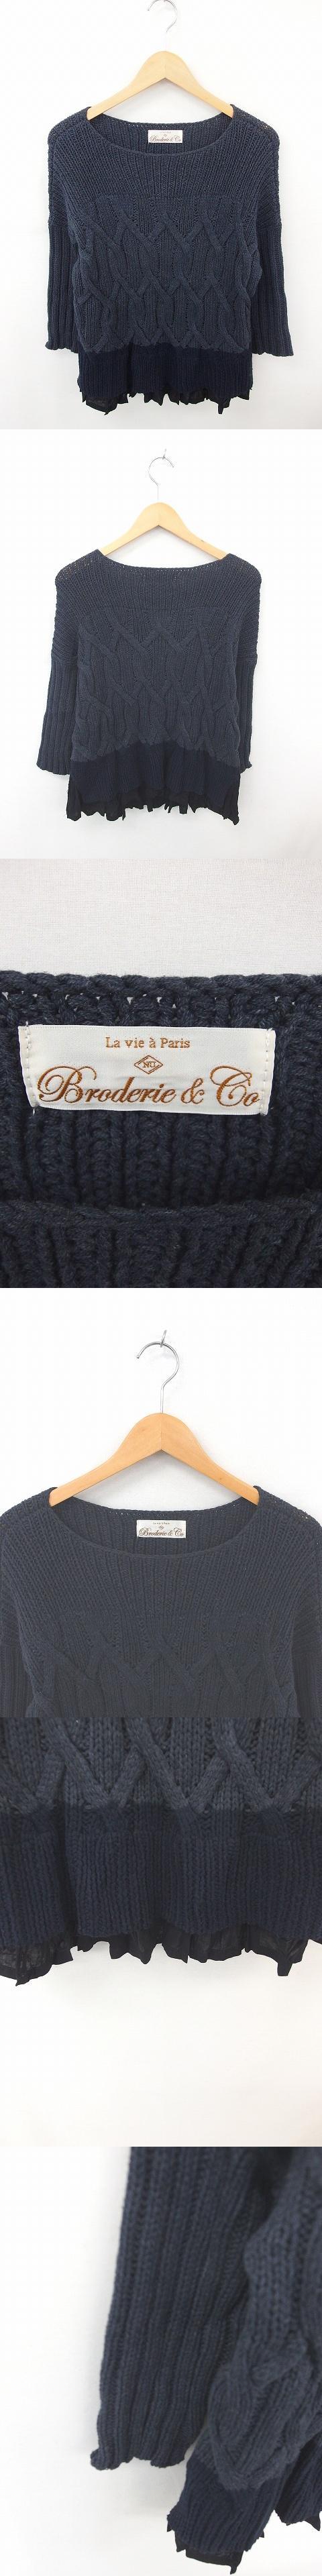 ニット セーター ケーブル編み 綿 コットン ラグランスリーブ 長袖 F 紺 黒 ネイビー ブラック /TT23